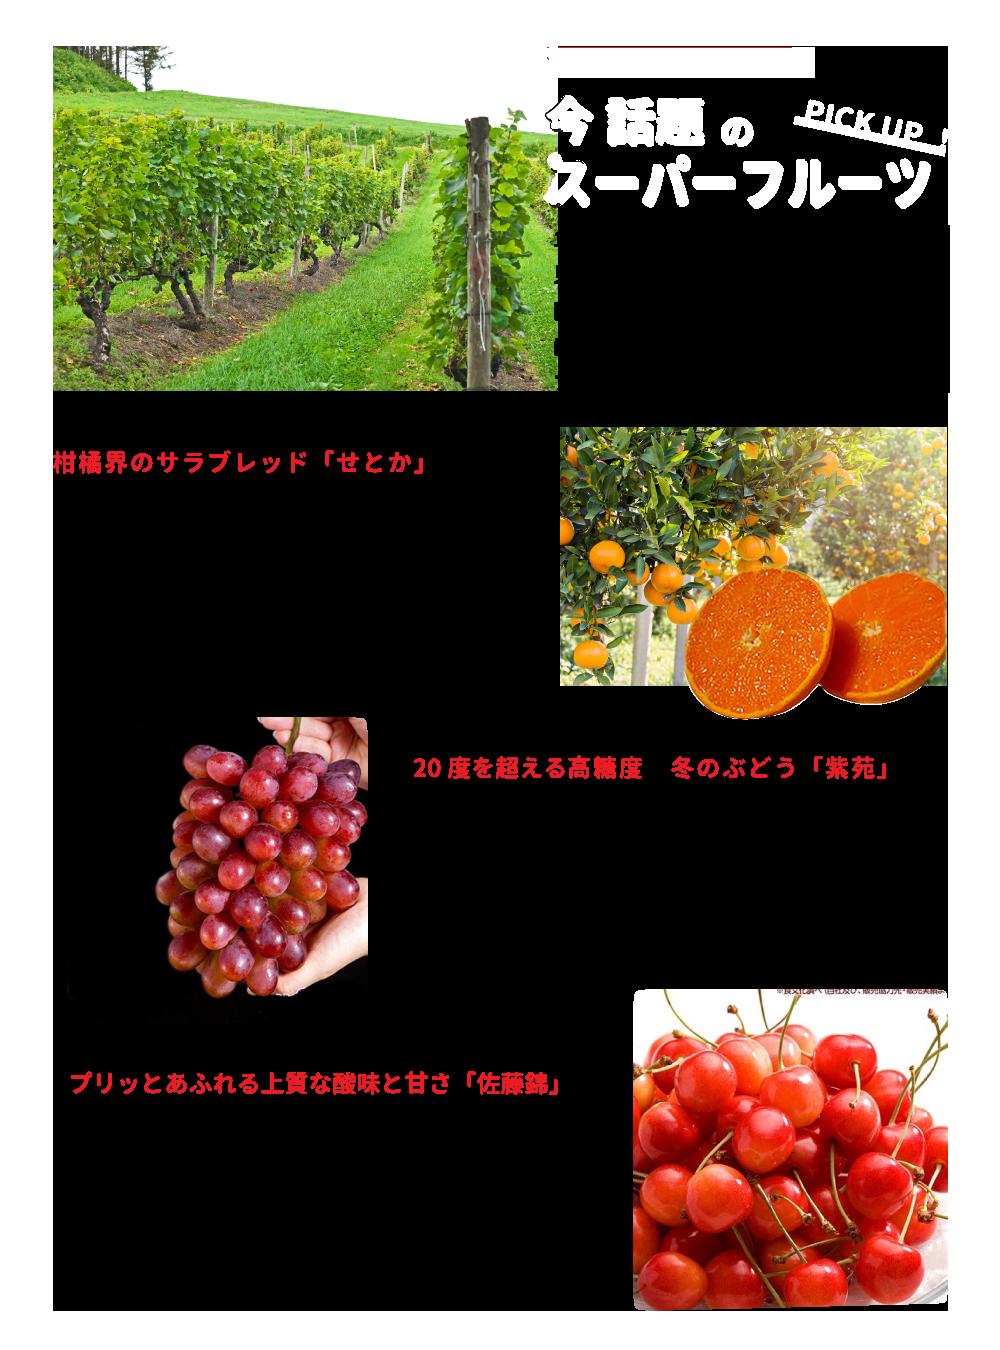 12ヶ月のラインナップの中には、はじめて見るフルーツも多いと思います。